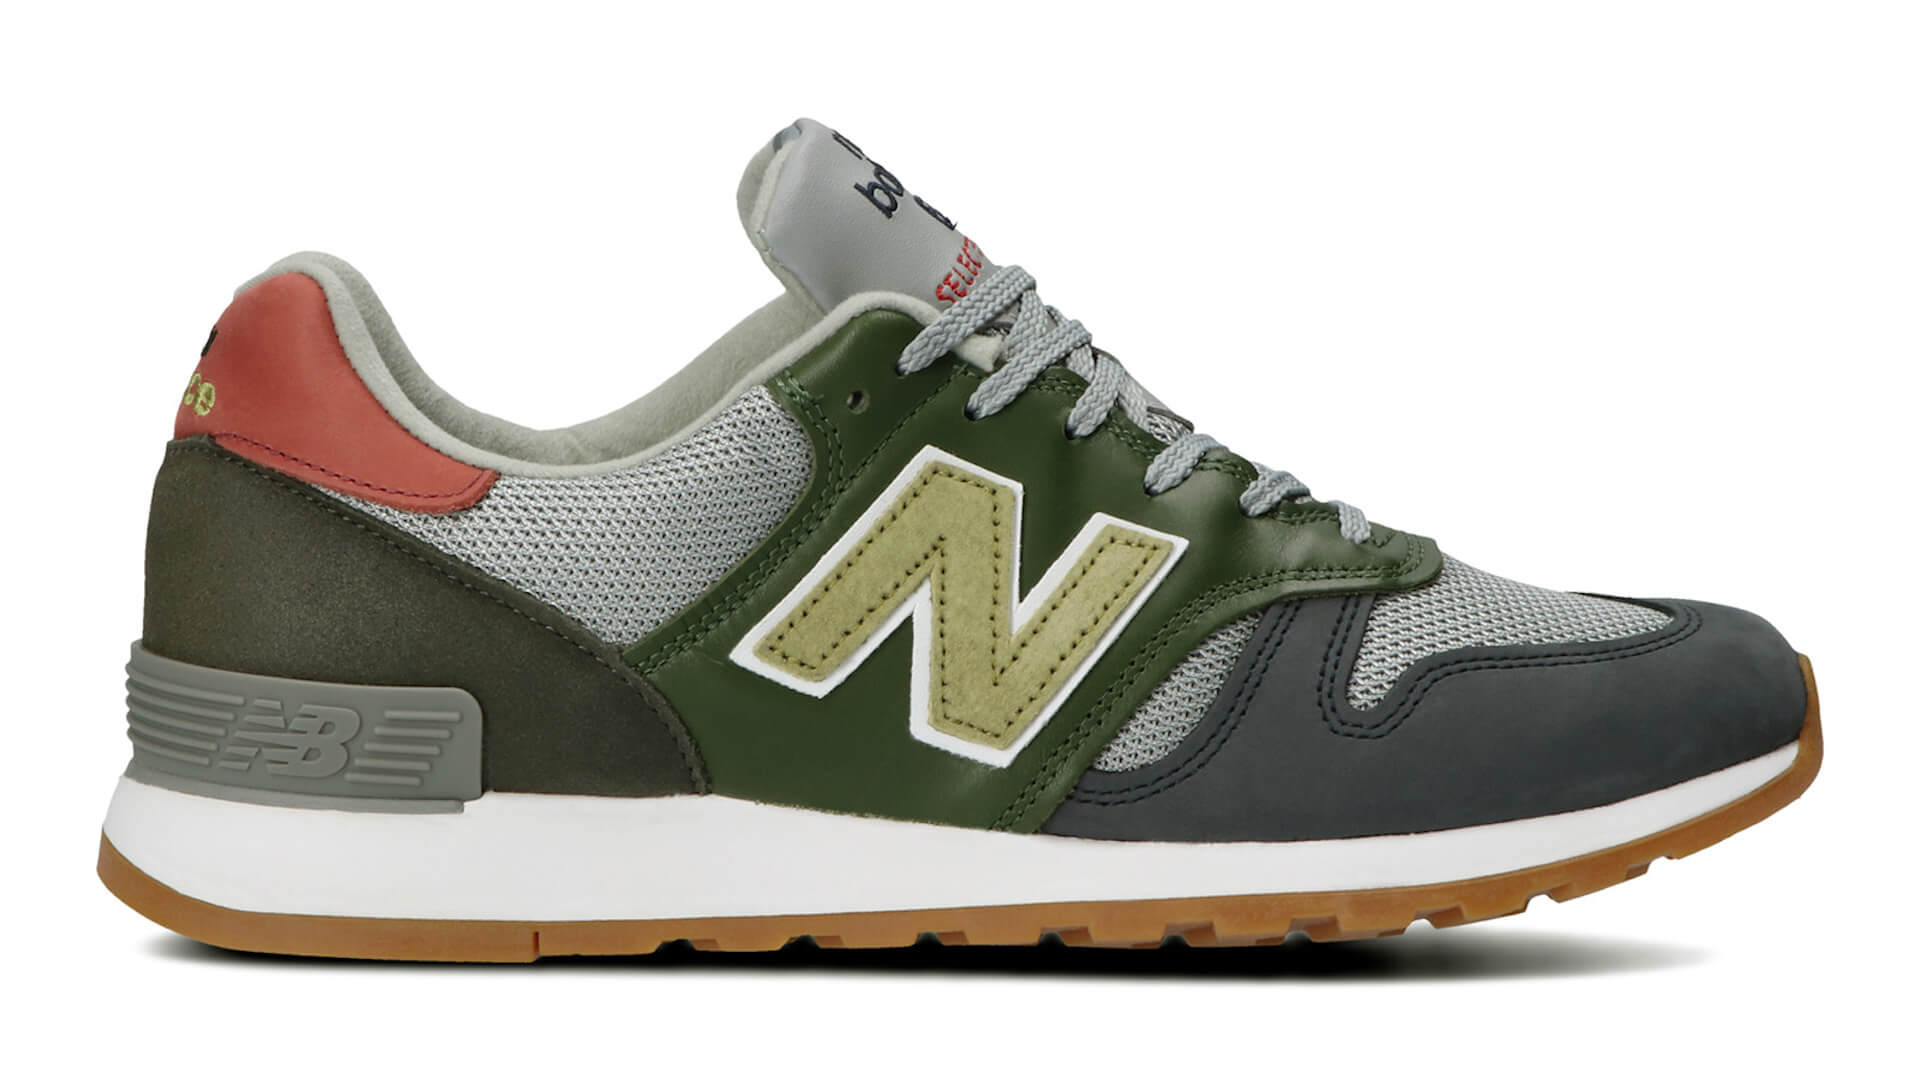 ニューバランスフラッグシップストアにMade in U.K.限定モデルが登場!「770」「670」「1591」「991.5」の4モデル life210507_newbalance_shoes_5